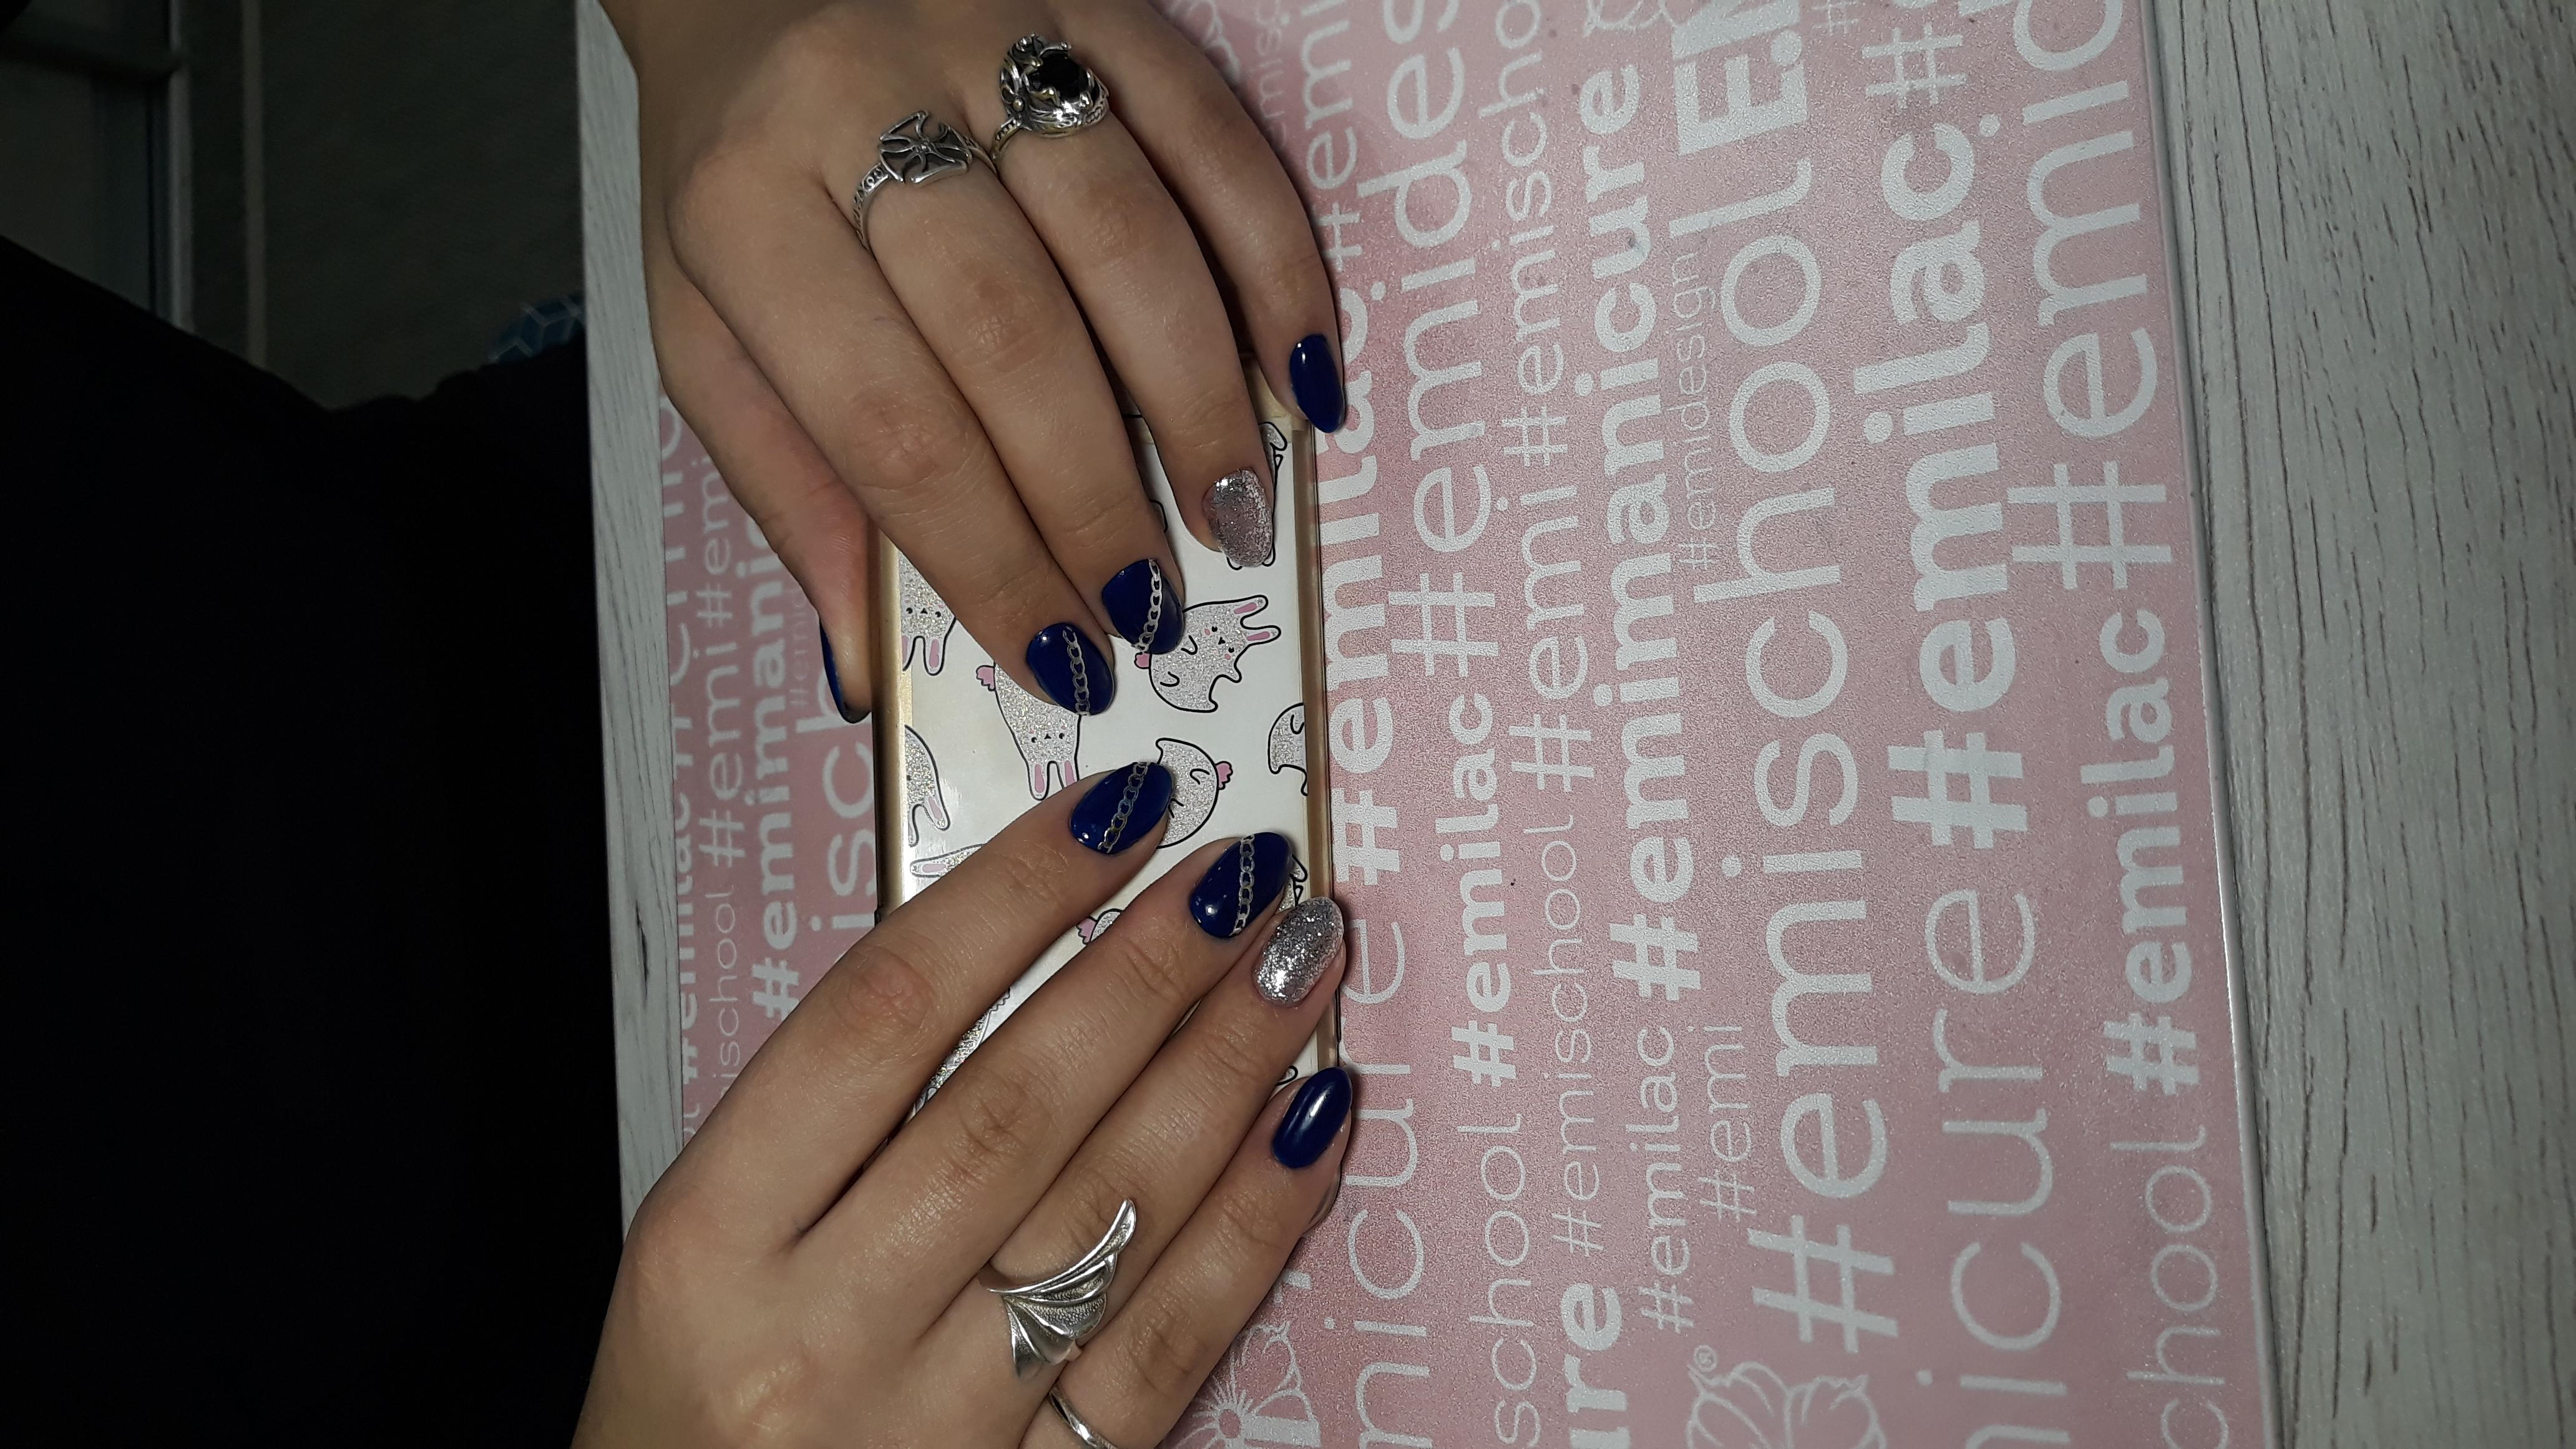 Маникюр в тёмно-синем цвете со слайдерами и серебряными блёстками.